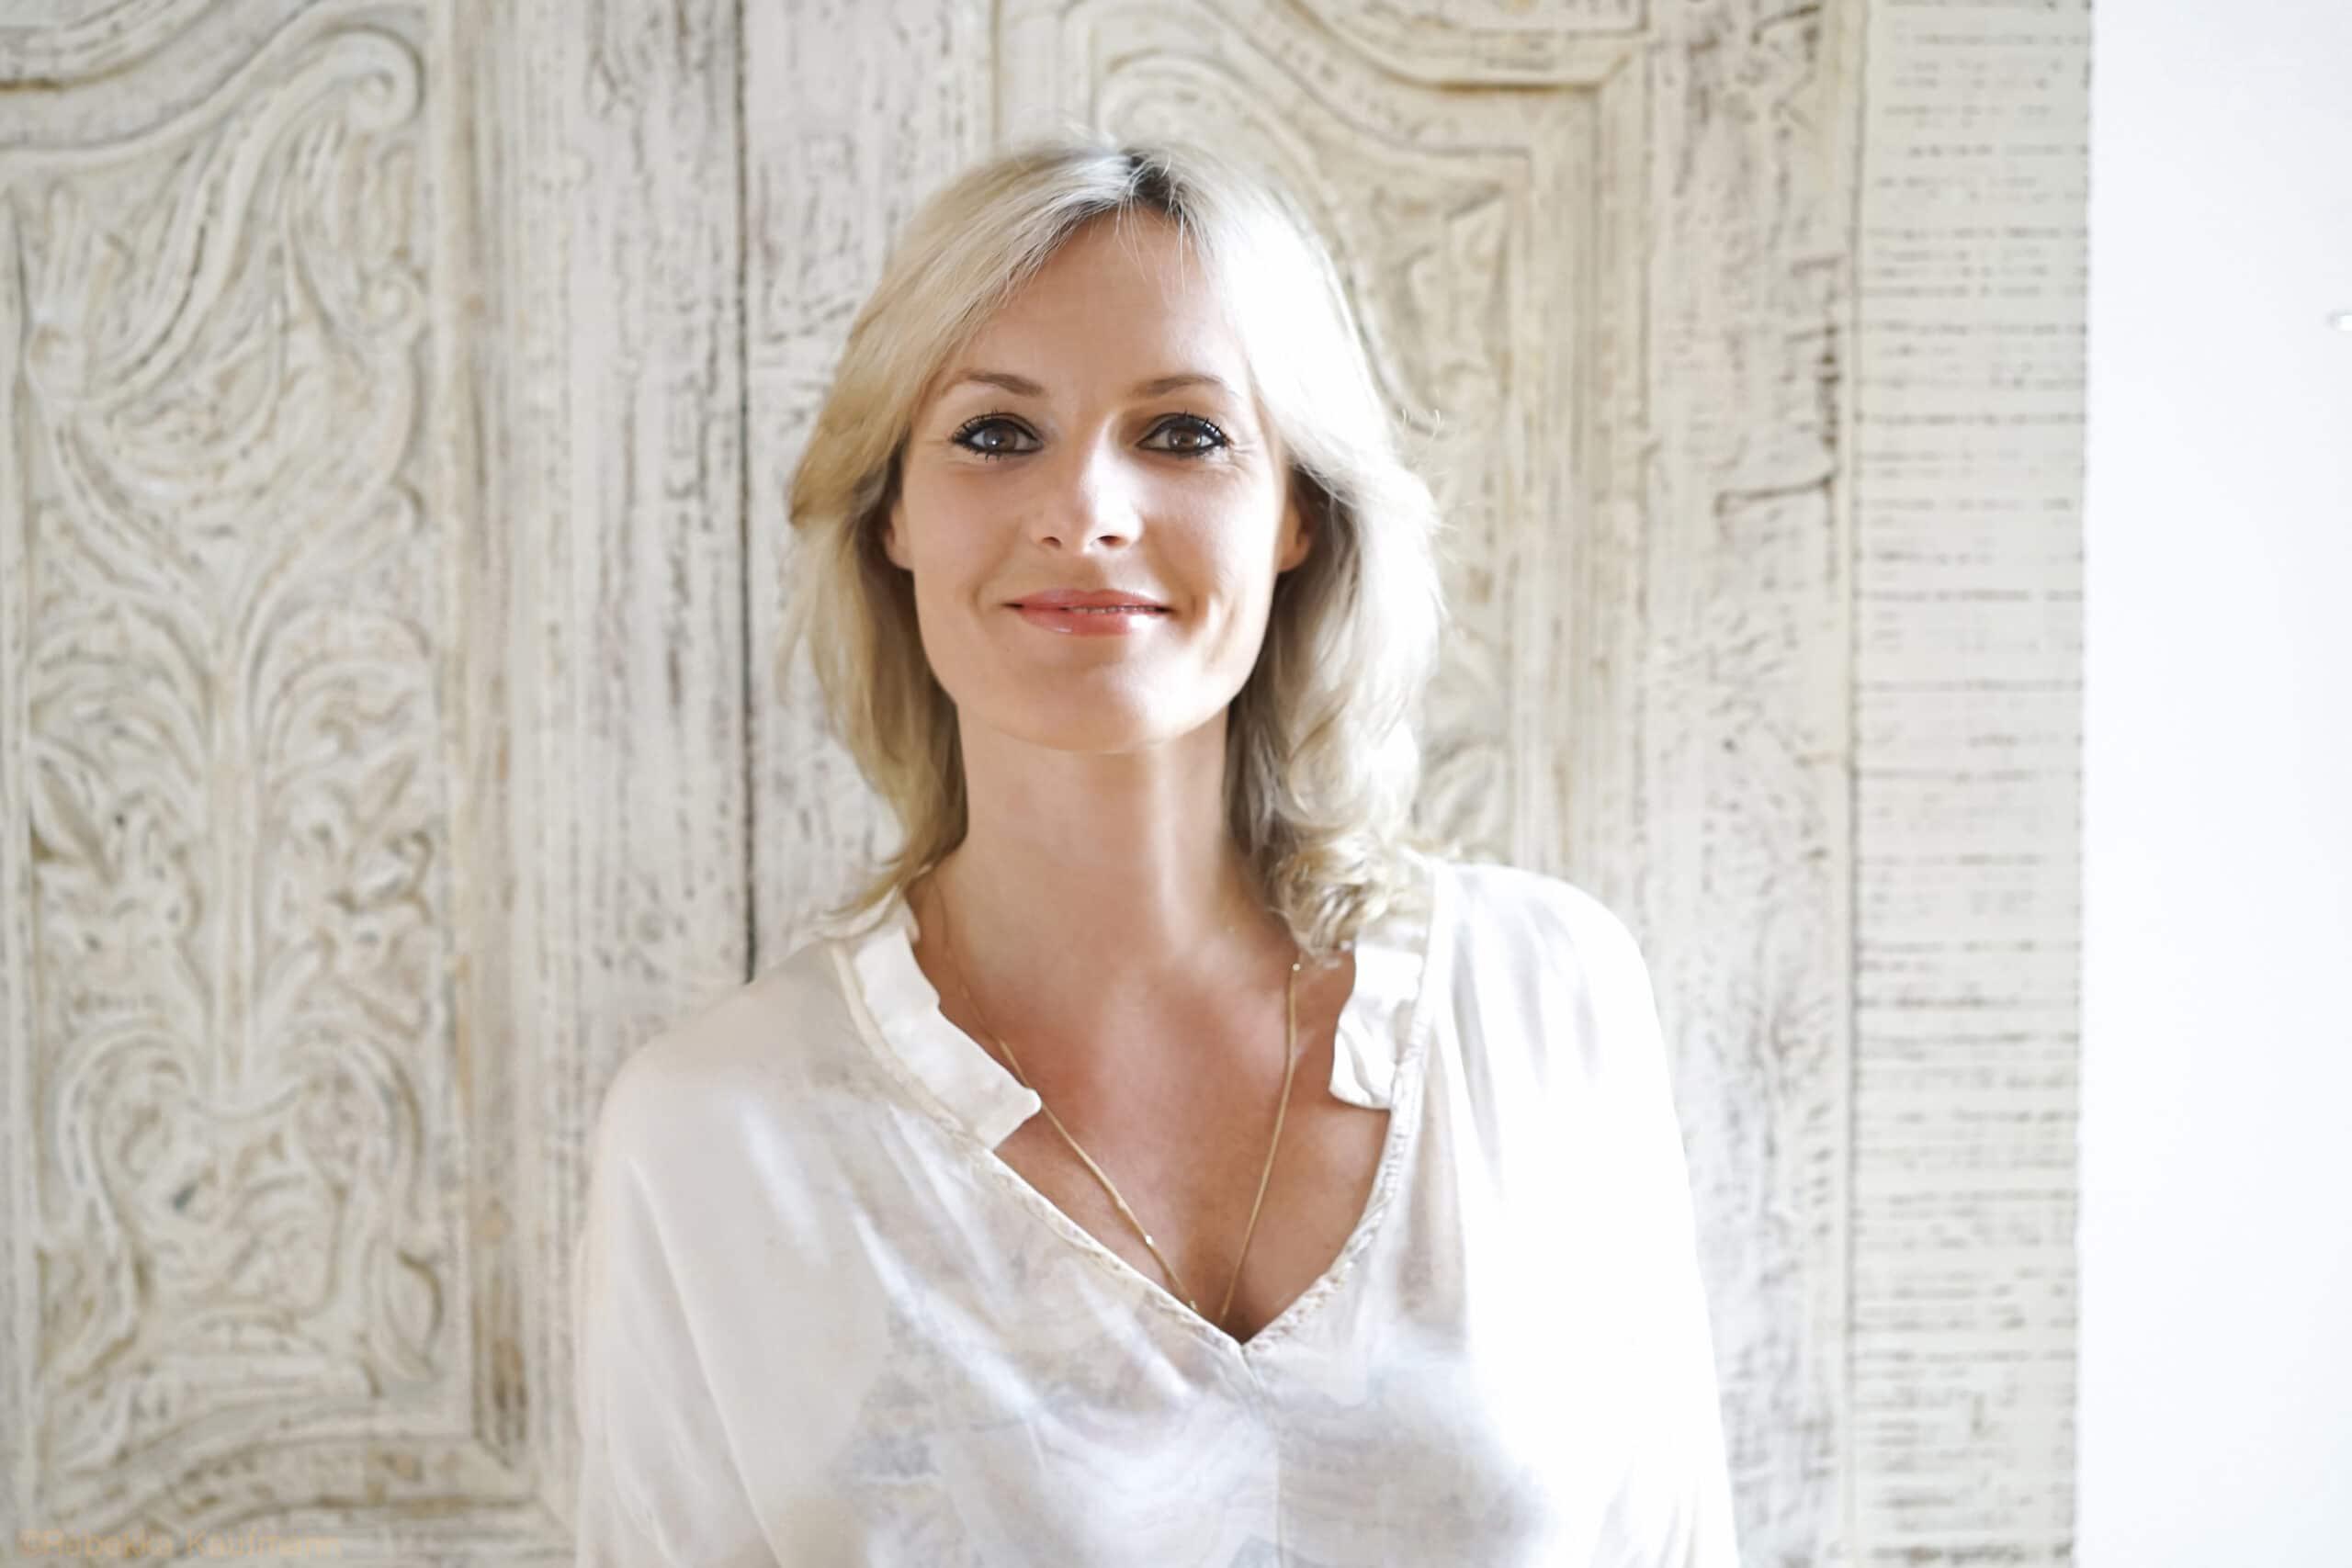 Manuela Lemke Spezialistin für Darmgesundheit in Berlin Charlottenburg